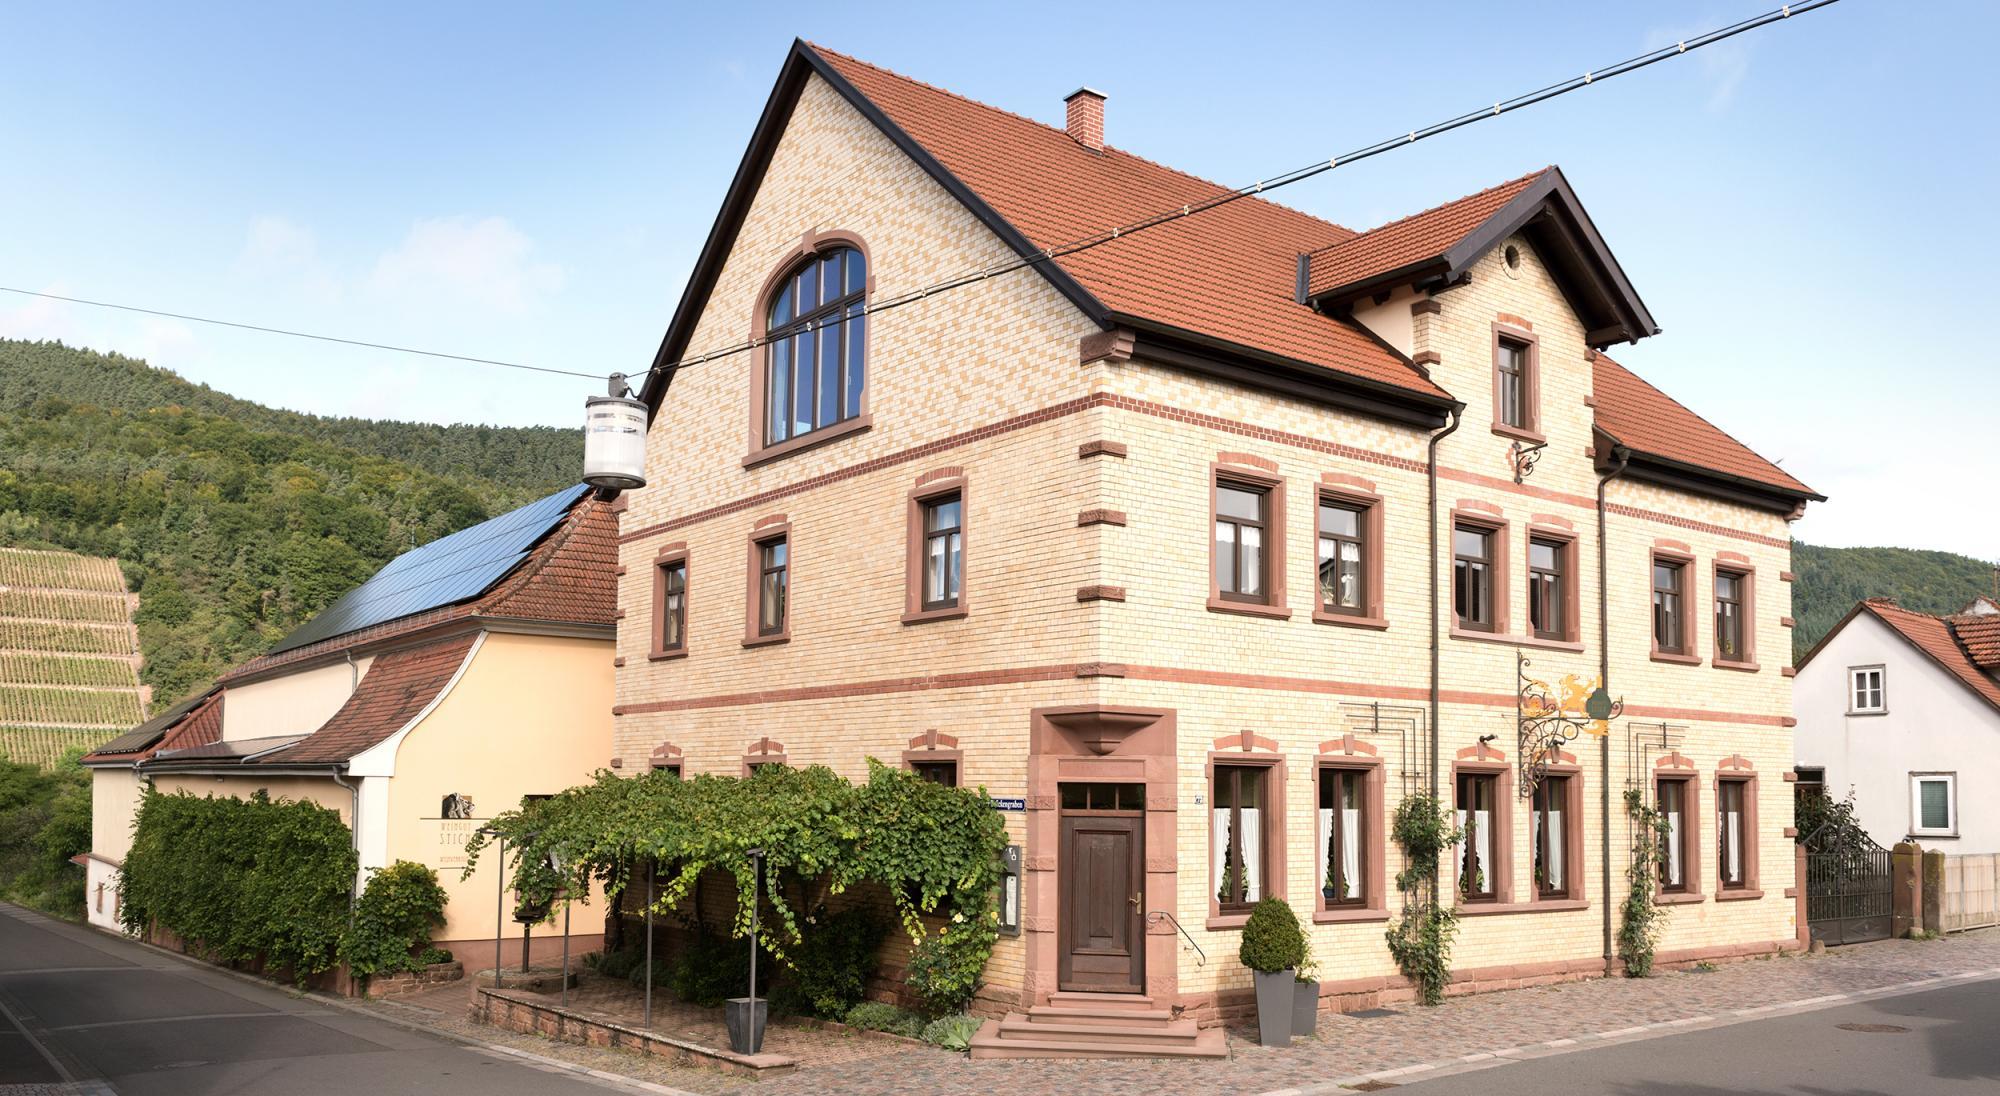 genuss-guide.eu zu Besuch im Weingut Stich im Löwen.